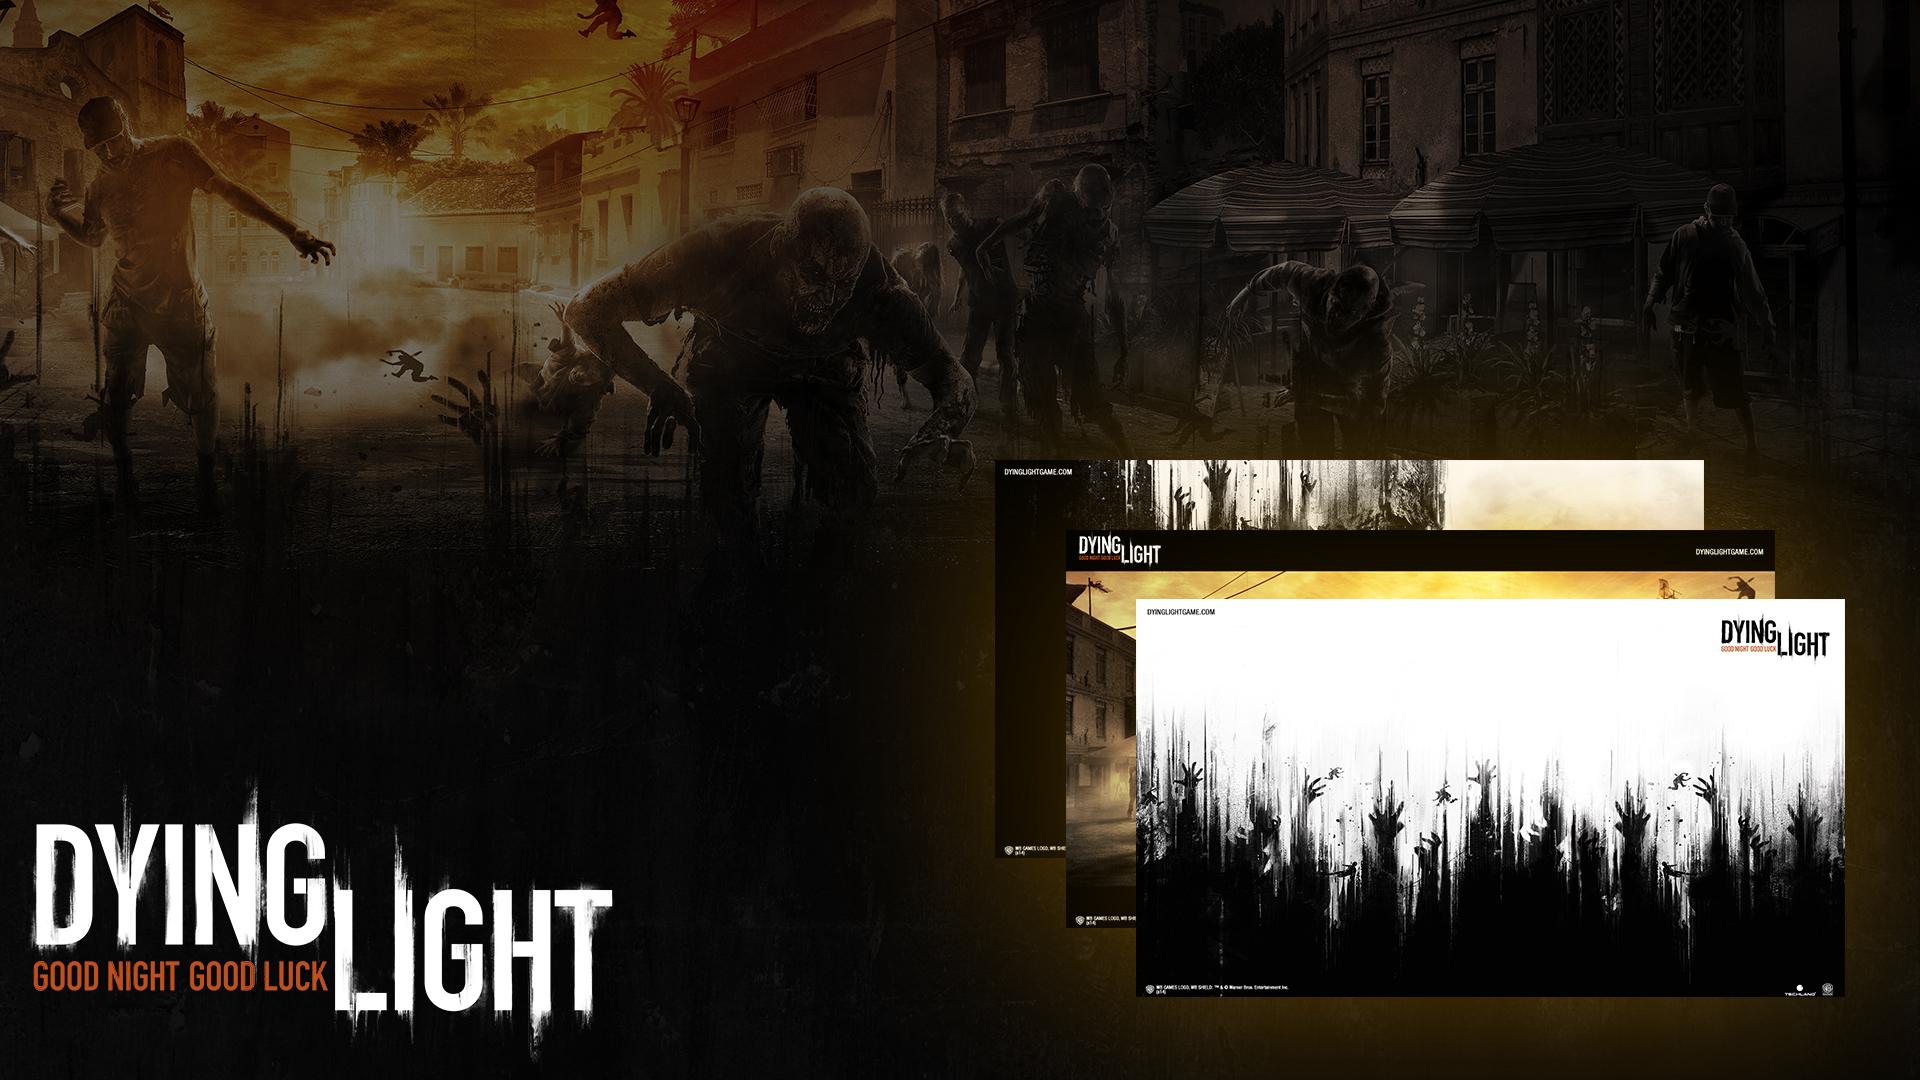 Dying Light Wallpaper Pack On Steam